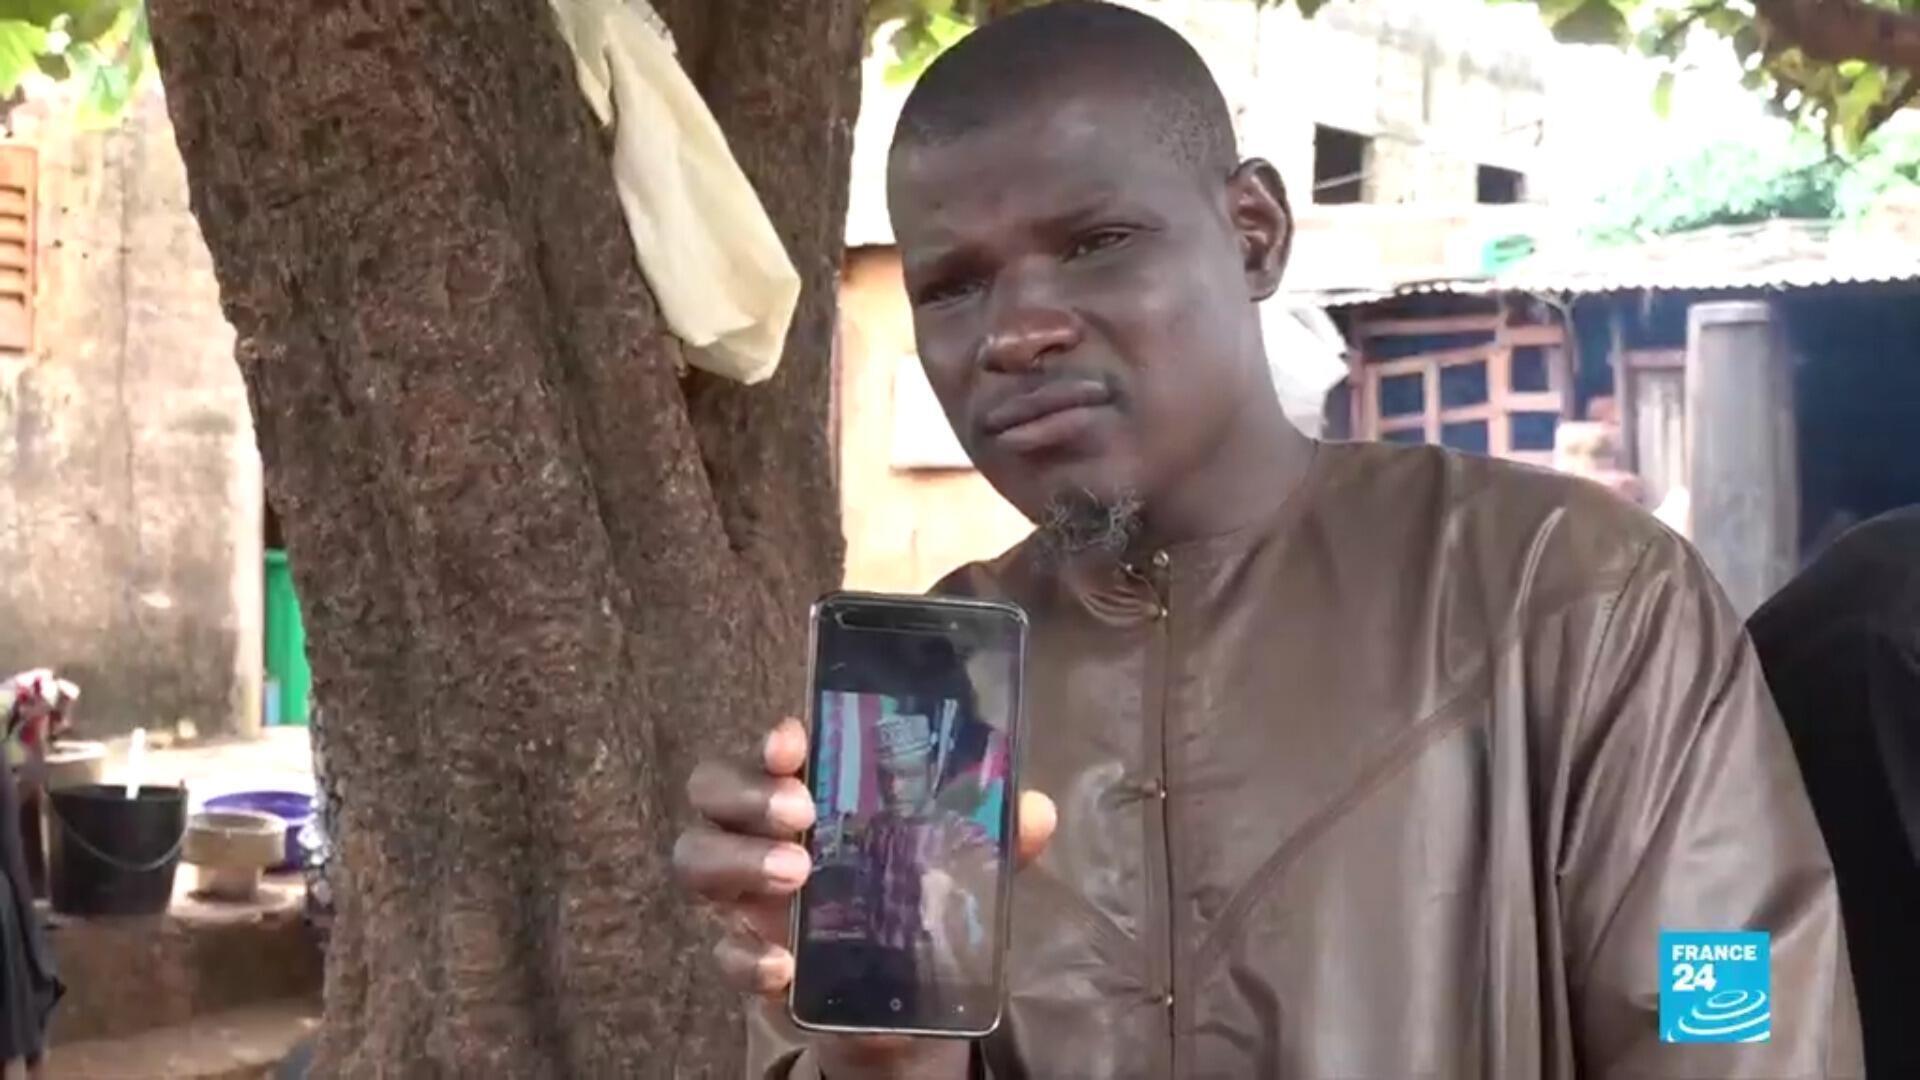 Le frère endeuillé d'une victime âgée de 25 ans, tuée d'une balle dans la tête lors d'une manifestation à Bamako, le 11 juillet 2020.